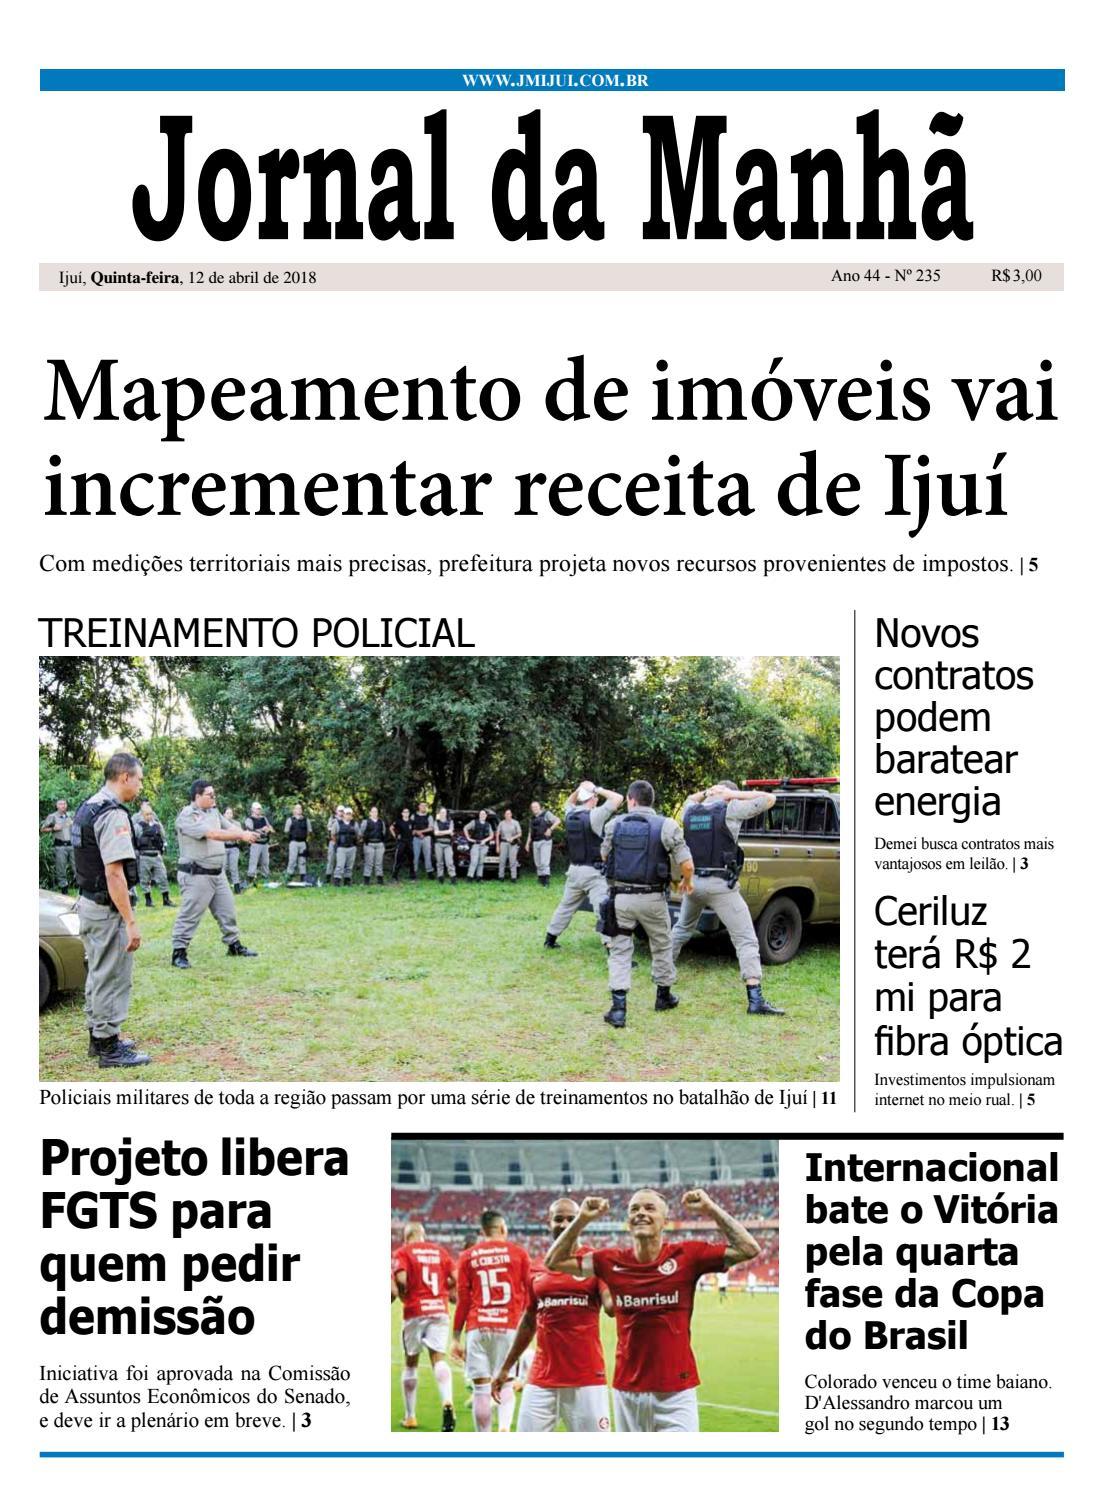 2880172fe Jornal da Manhã - Quinta-feira - 12-04-2018 by clicjm - issuu